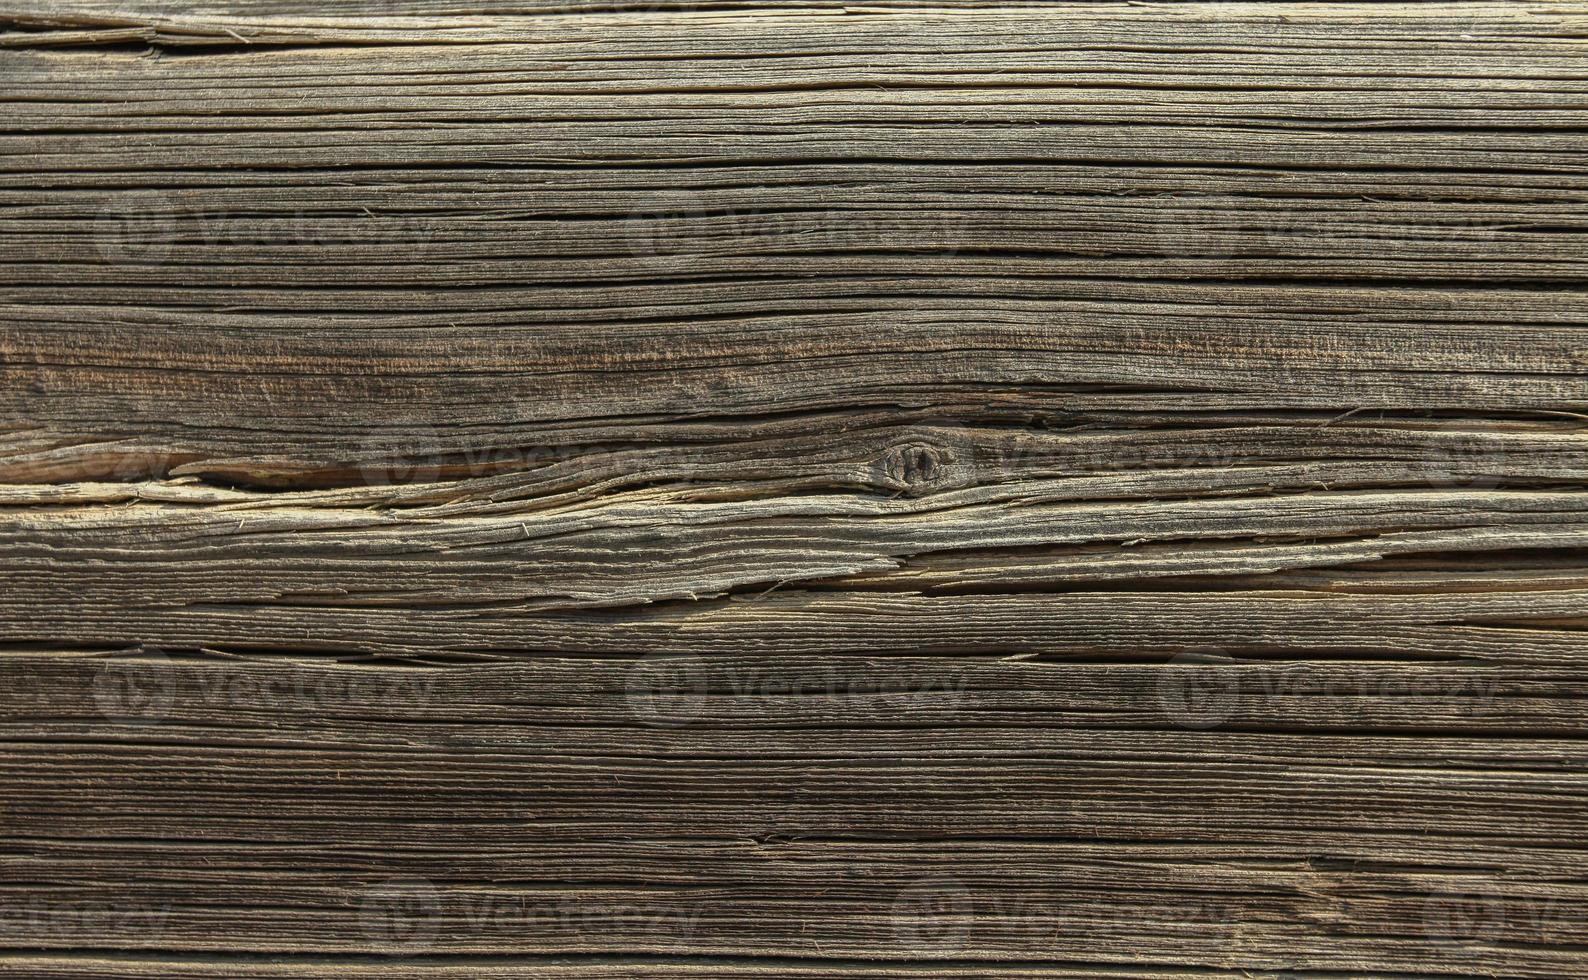 vieux fond de panneaux de bois photo